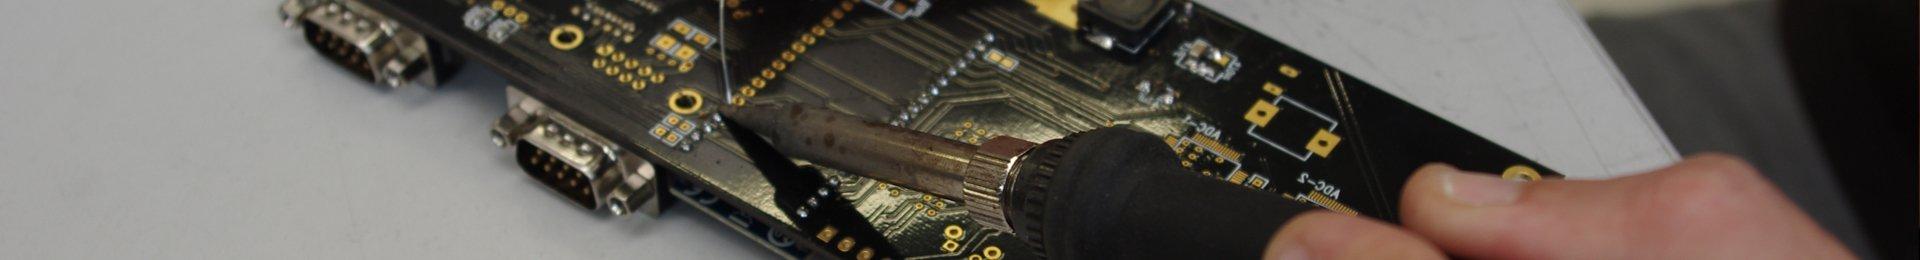 Montage elektronisch Schweissen